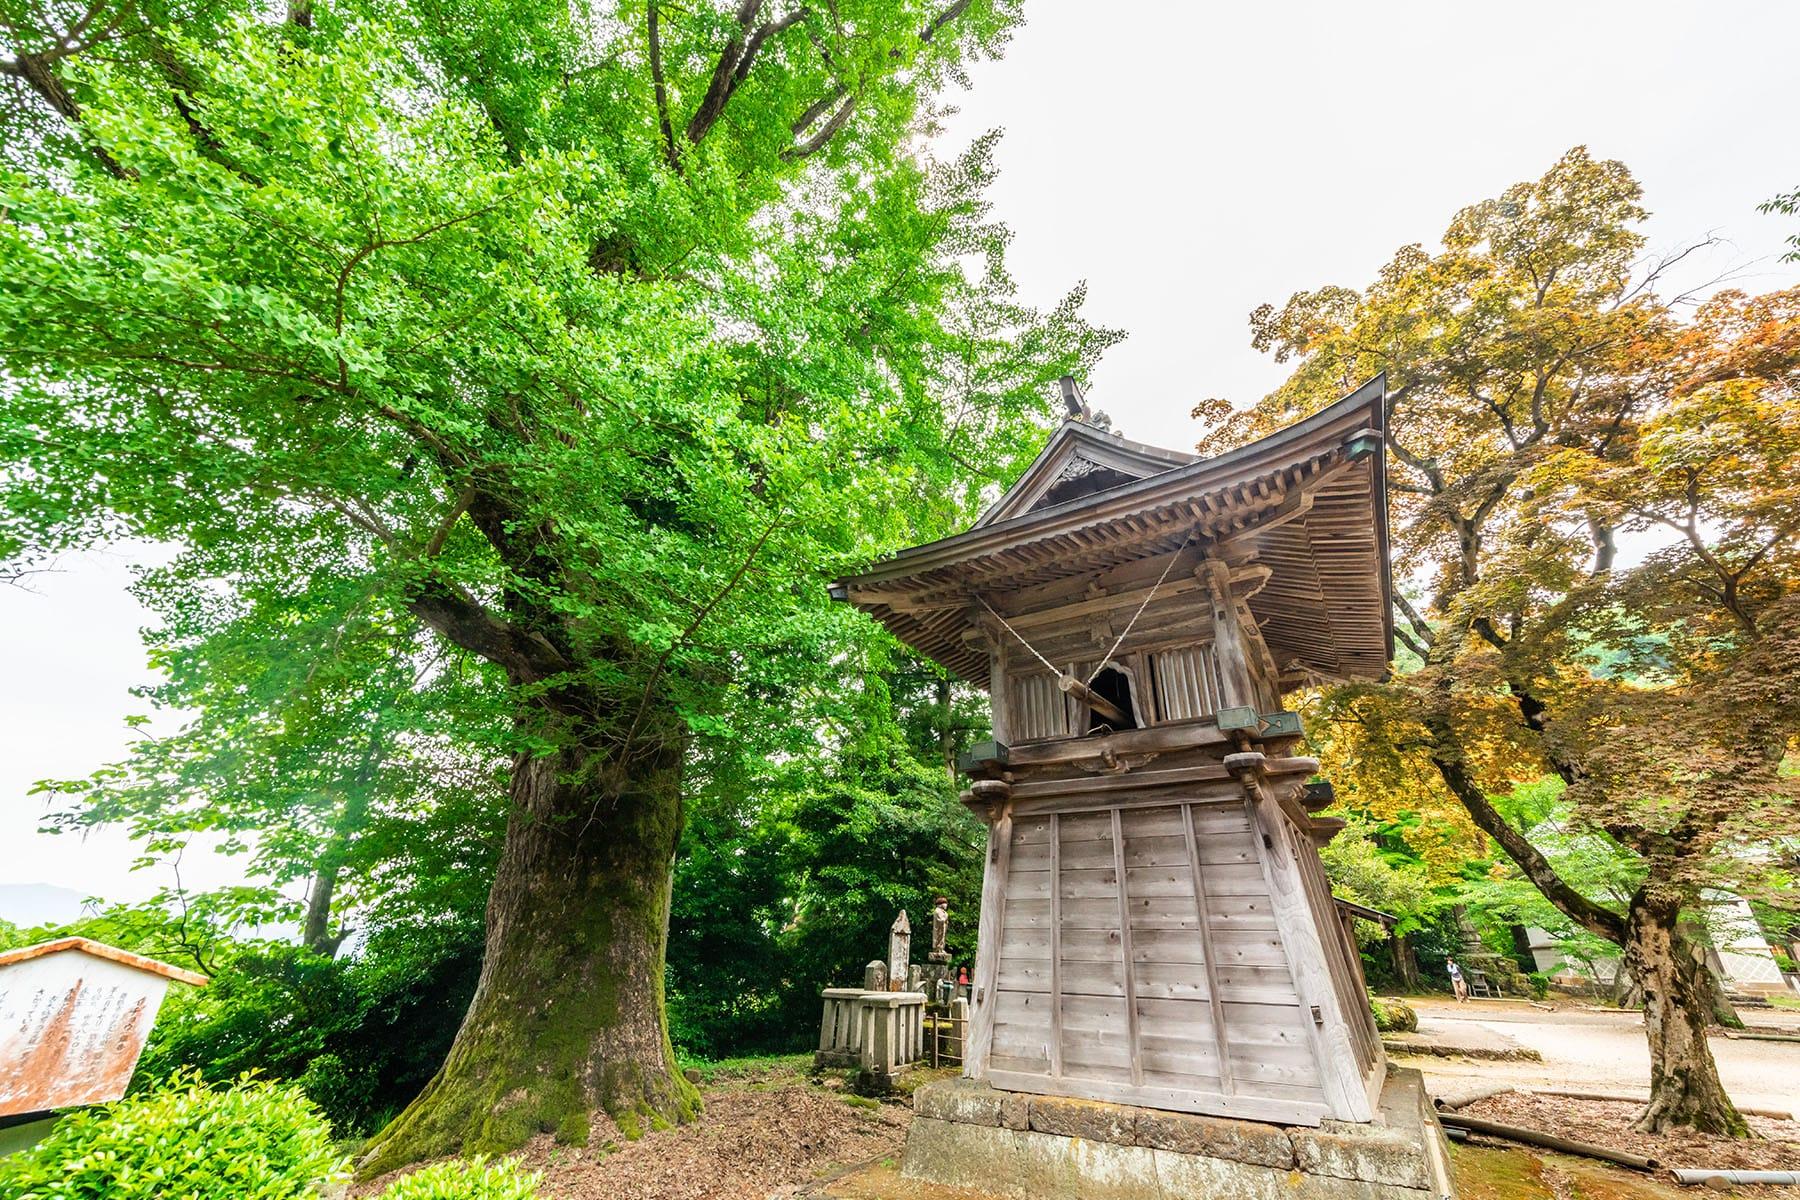 西国札所 第29番【青葉山・松尾寺】 | フォトさいたま